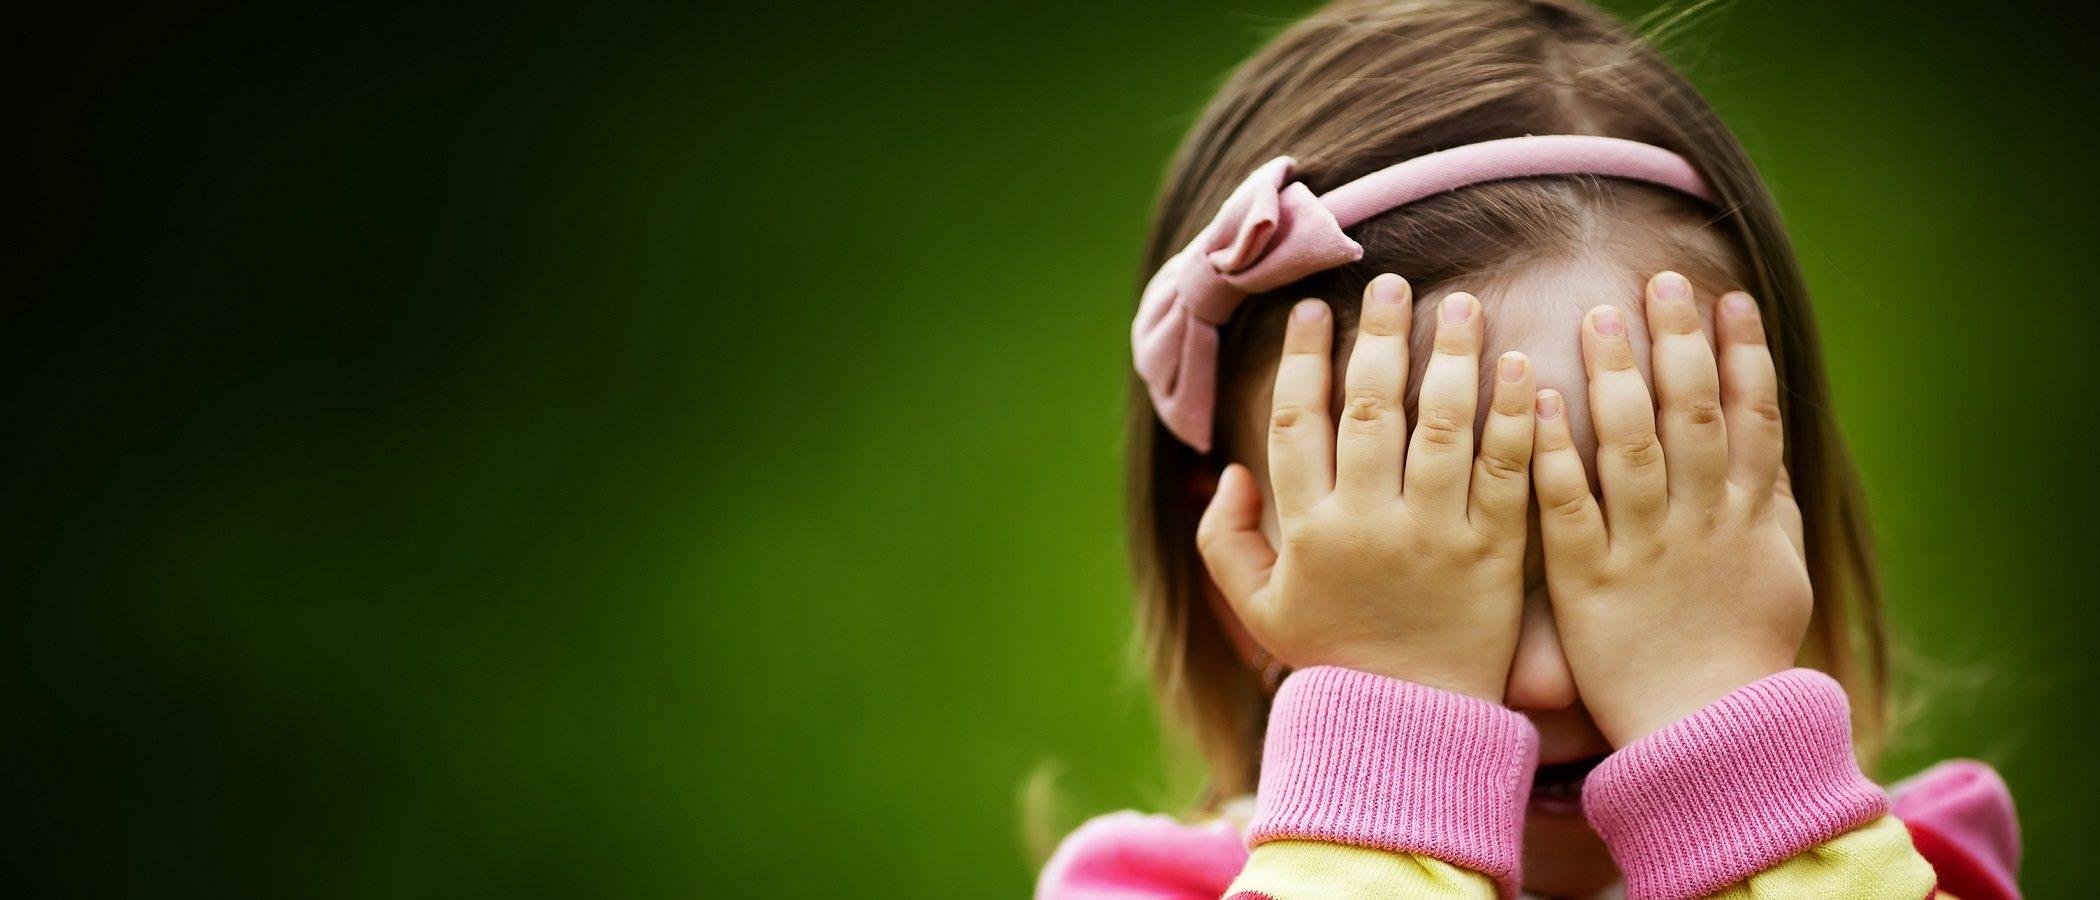 Técnica del semáforo para controlar las emociones en los niños